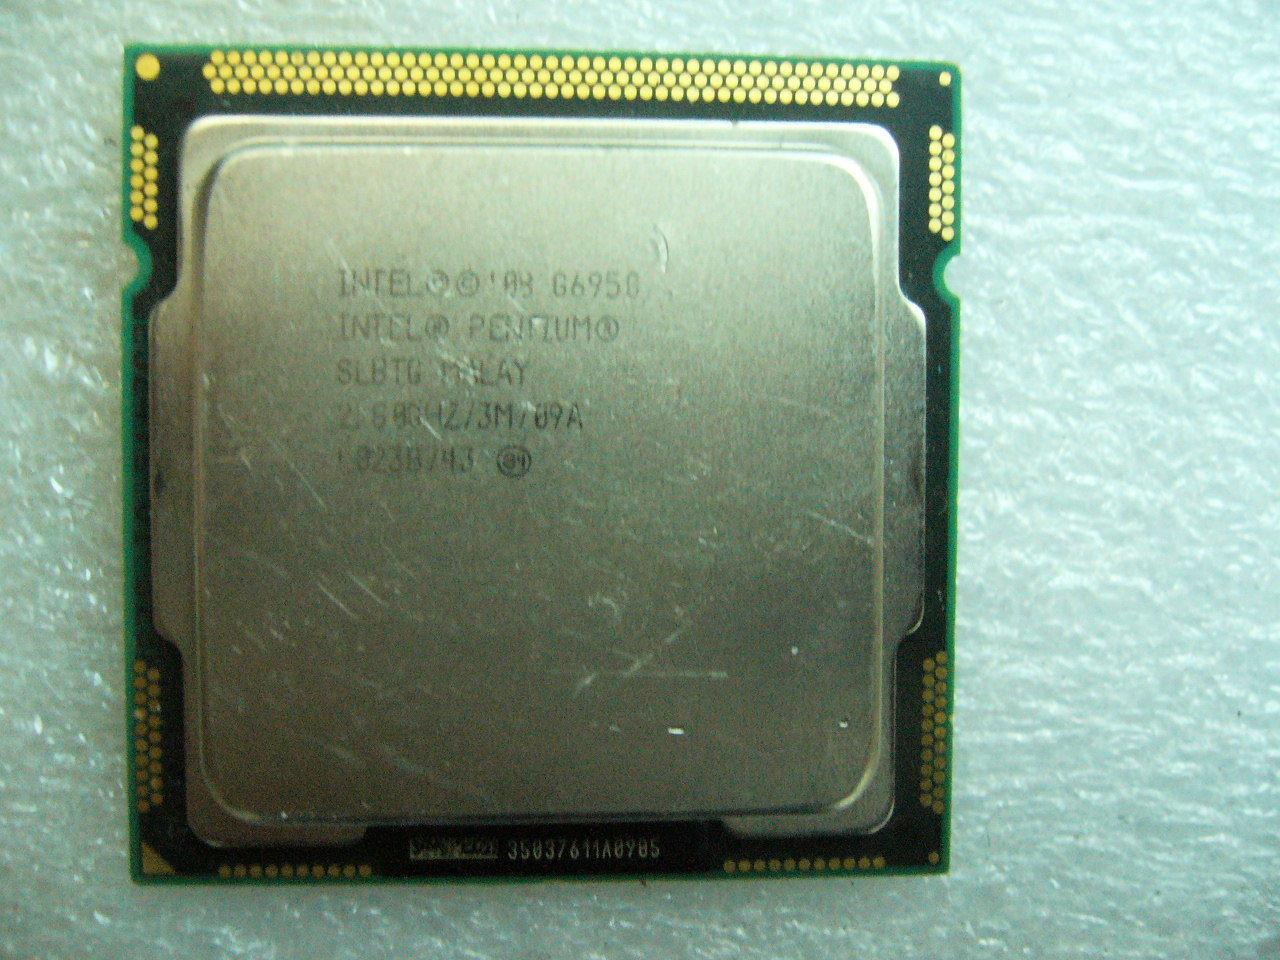 QTY 1x INTEL Pentium CPU G6950 2.8GHZ/3MB LGA1156 SLBTG SLBMS